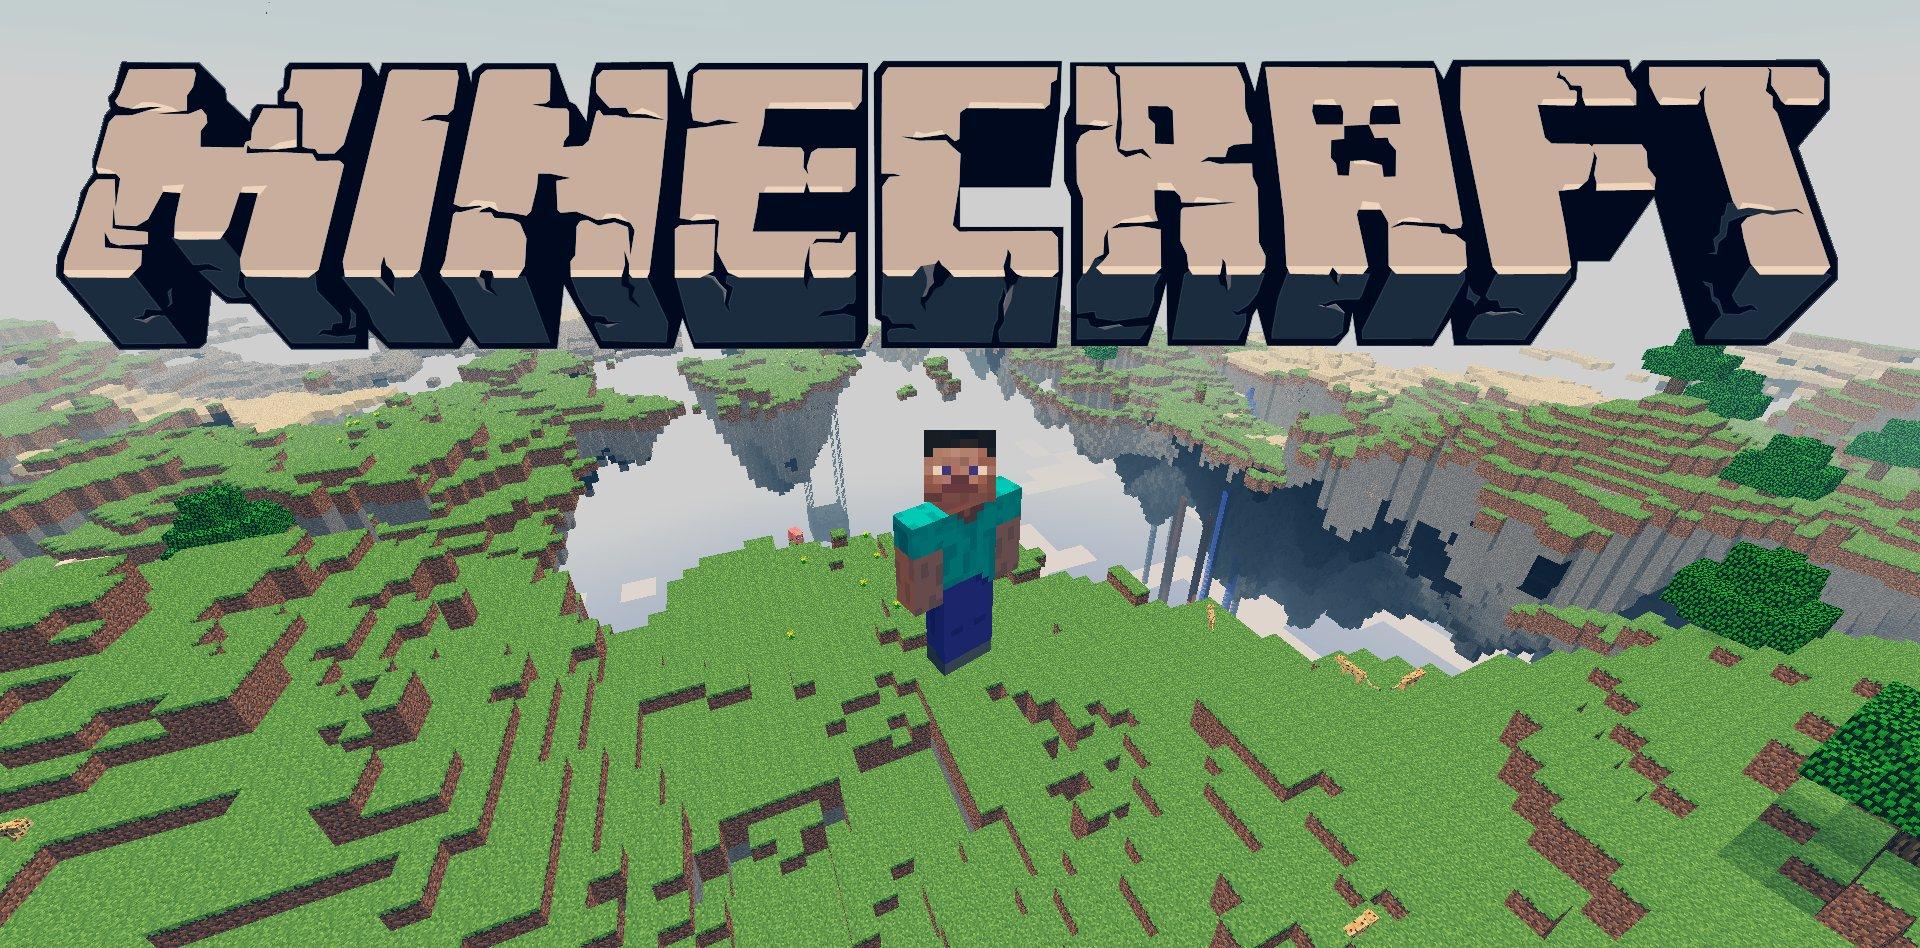 Plano De Fundo Minecraft: Minecraft Papéis De Parede, Plano De Fundo Área De